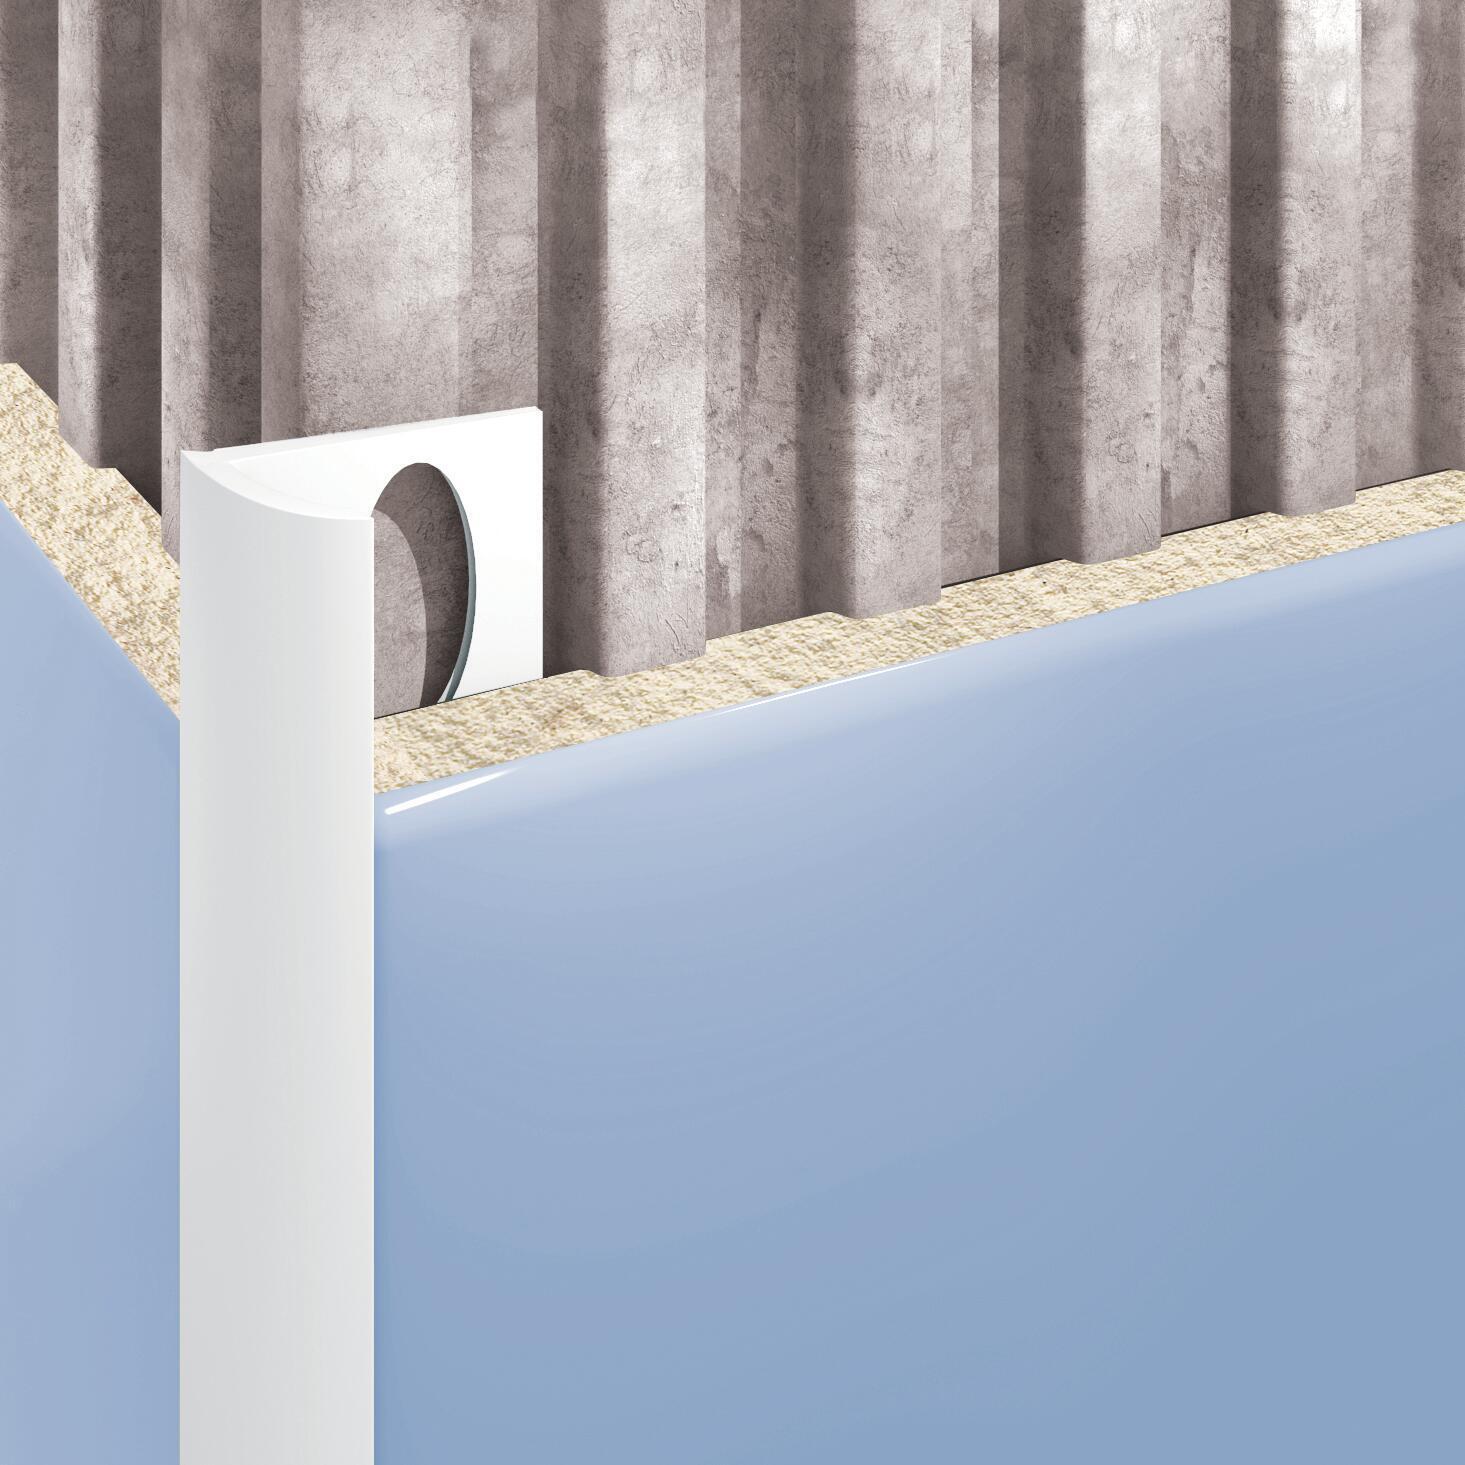 Profilo angolare interno in pvc Sp 25 mm L 250 cm bianco - 2